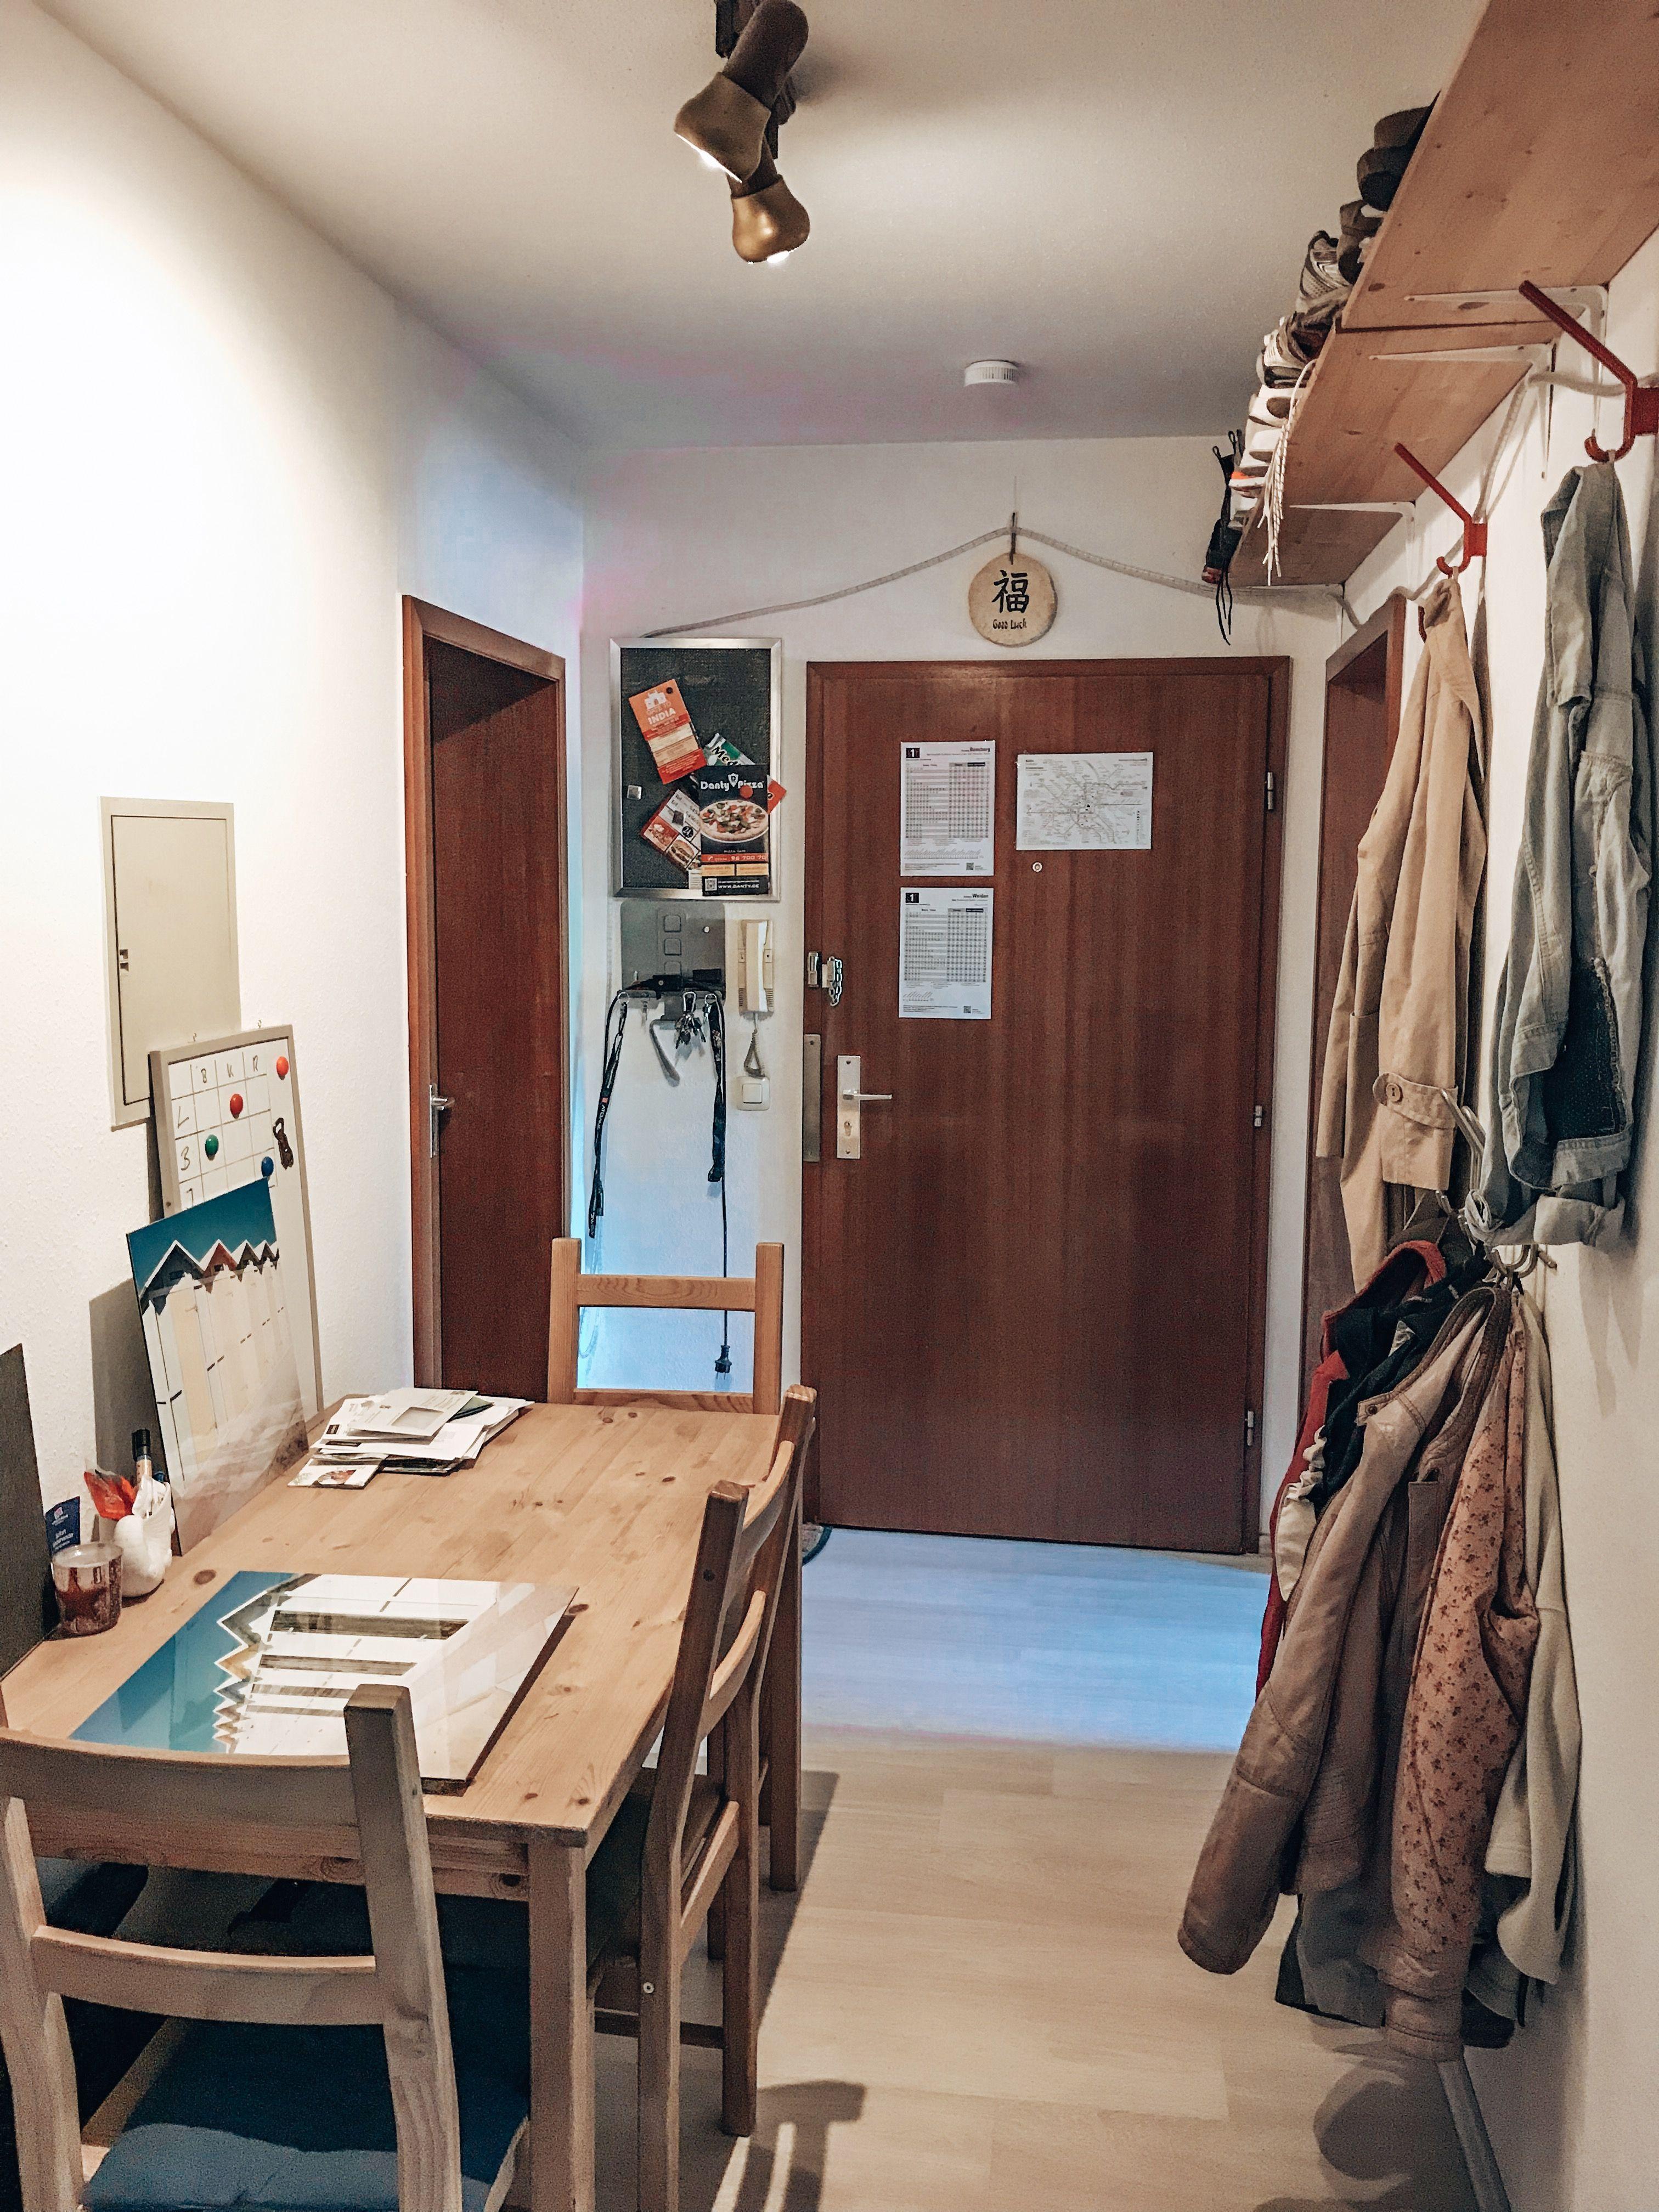 Multifunktionaler Flur in Kölner WG Wohnung, Wg zimmer, Haus